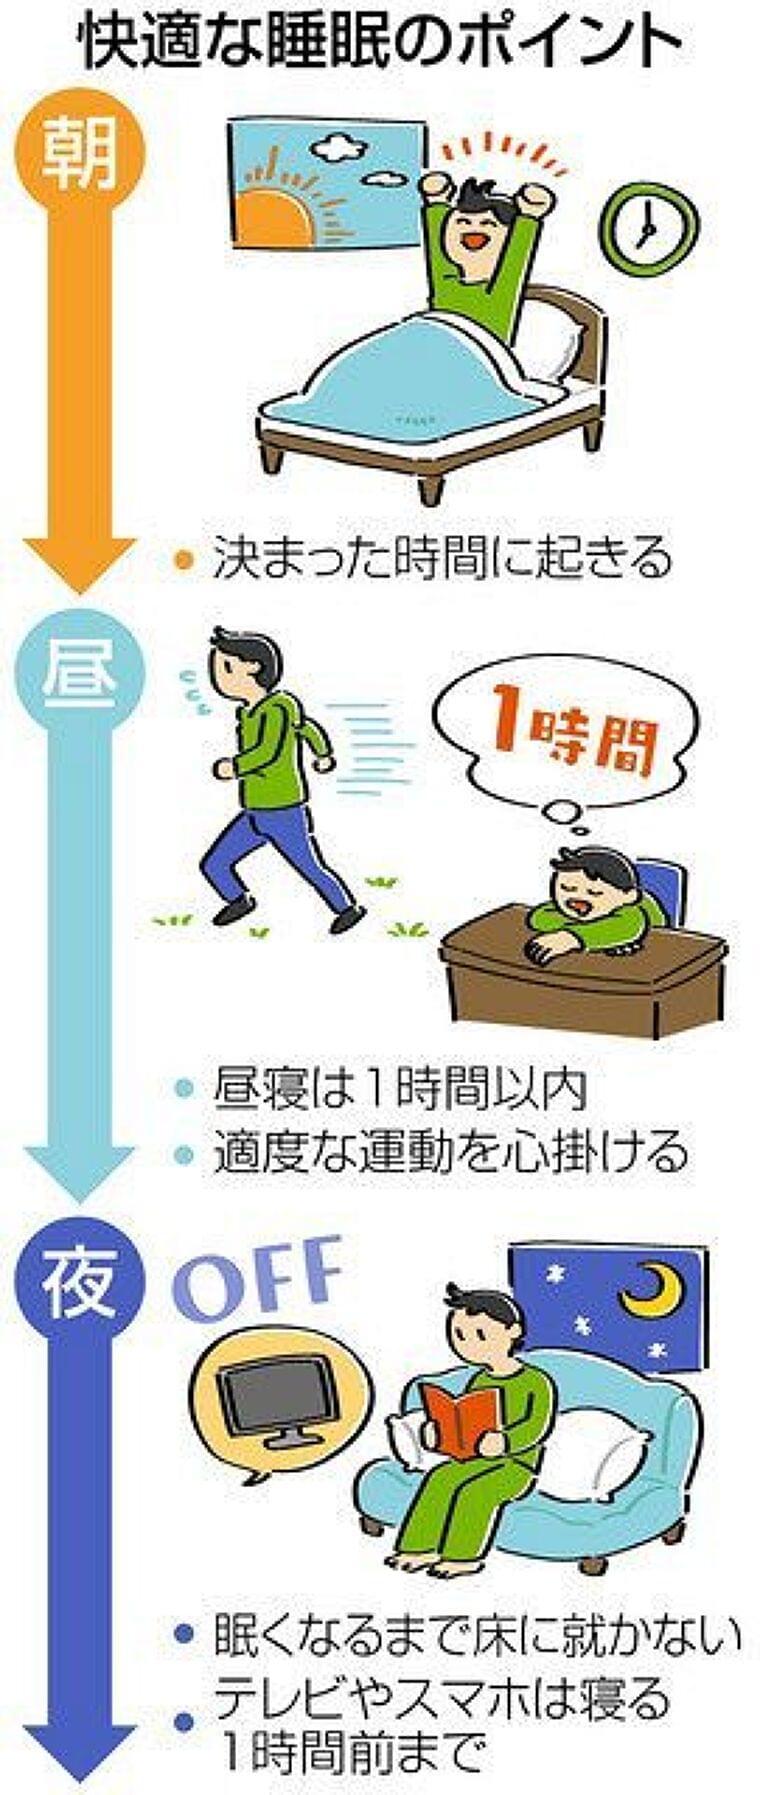 長引く在宅勤務 遅寝遅起き増加 「体内時計」意識し改善:東京新聞 TOKYO Web